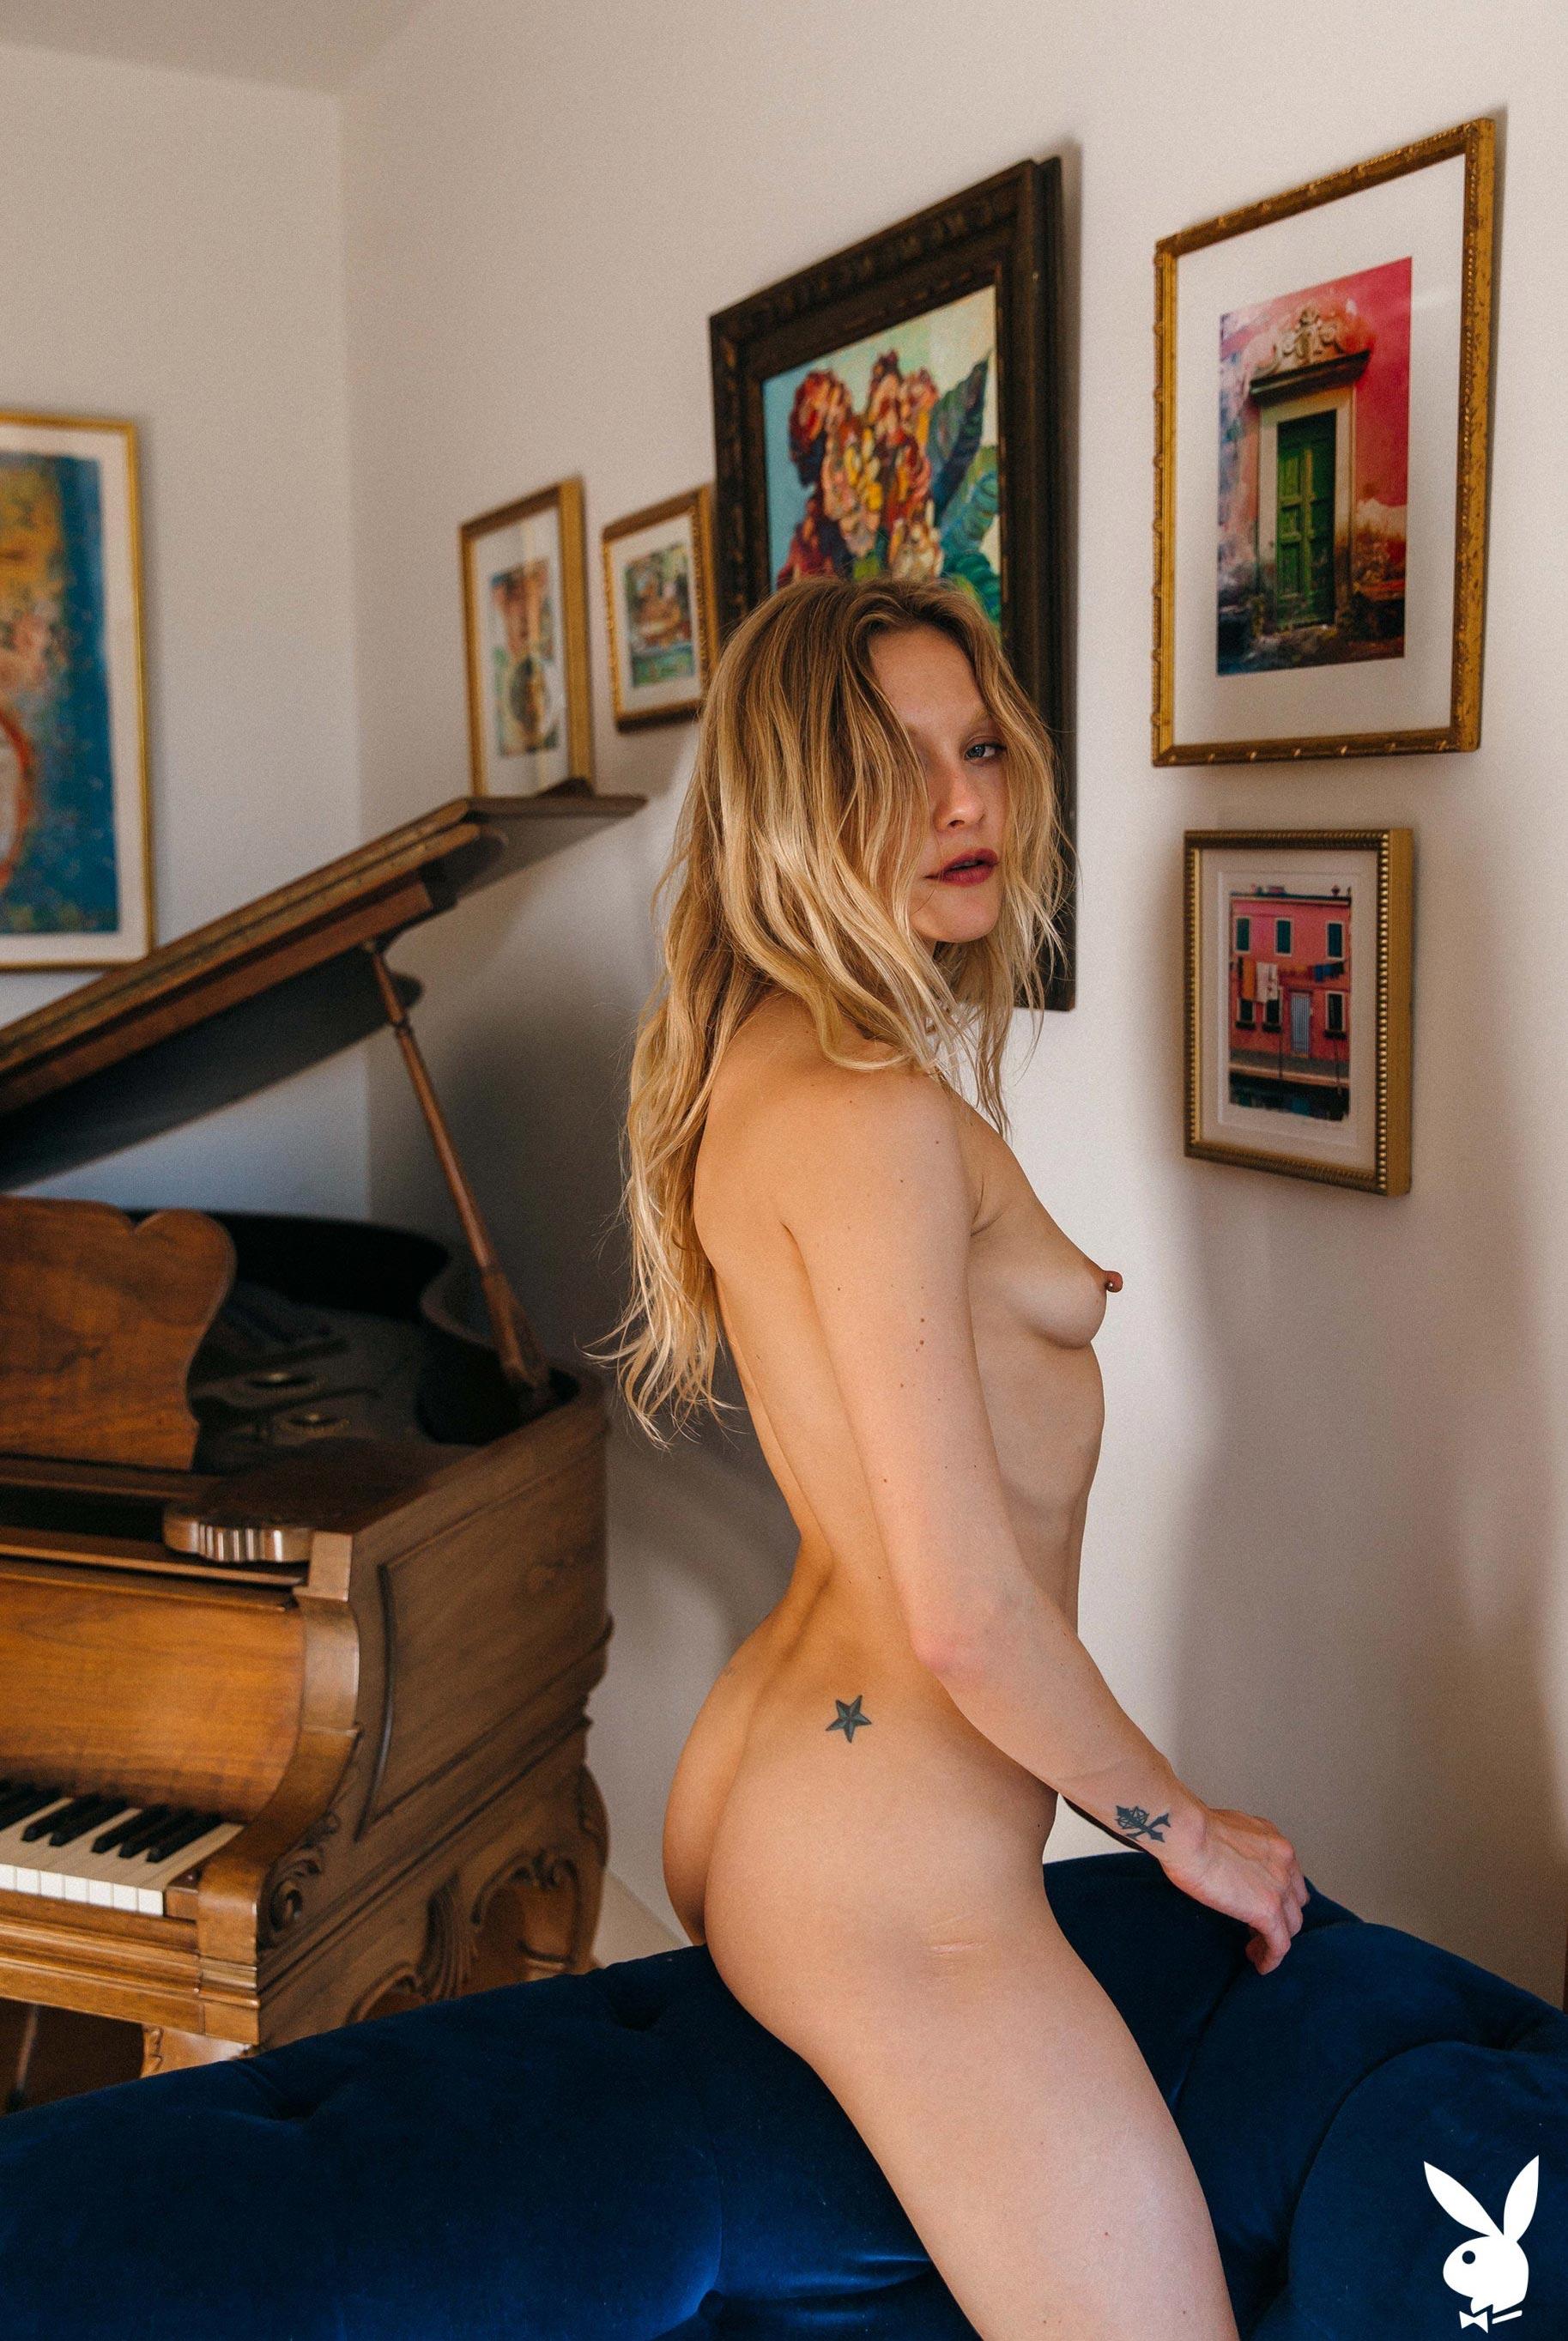 студентка и модель, голая у пианино / фото 11